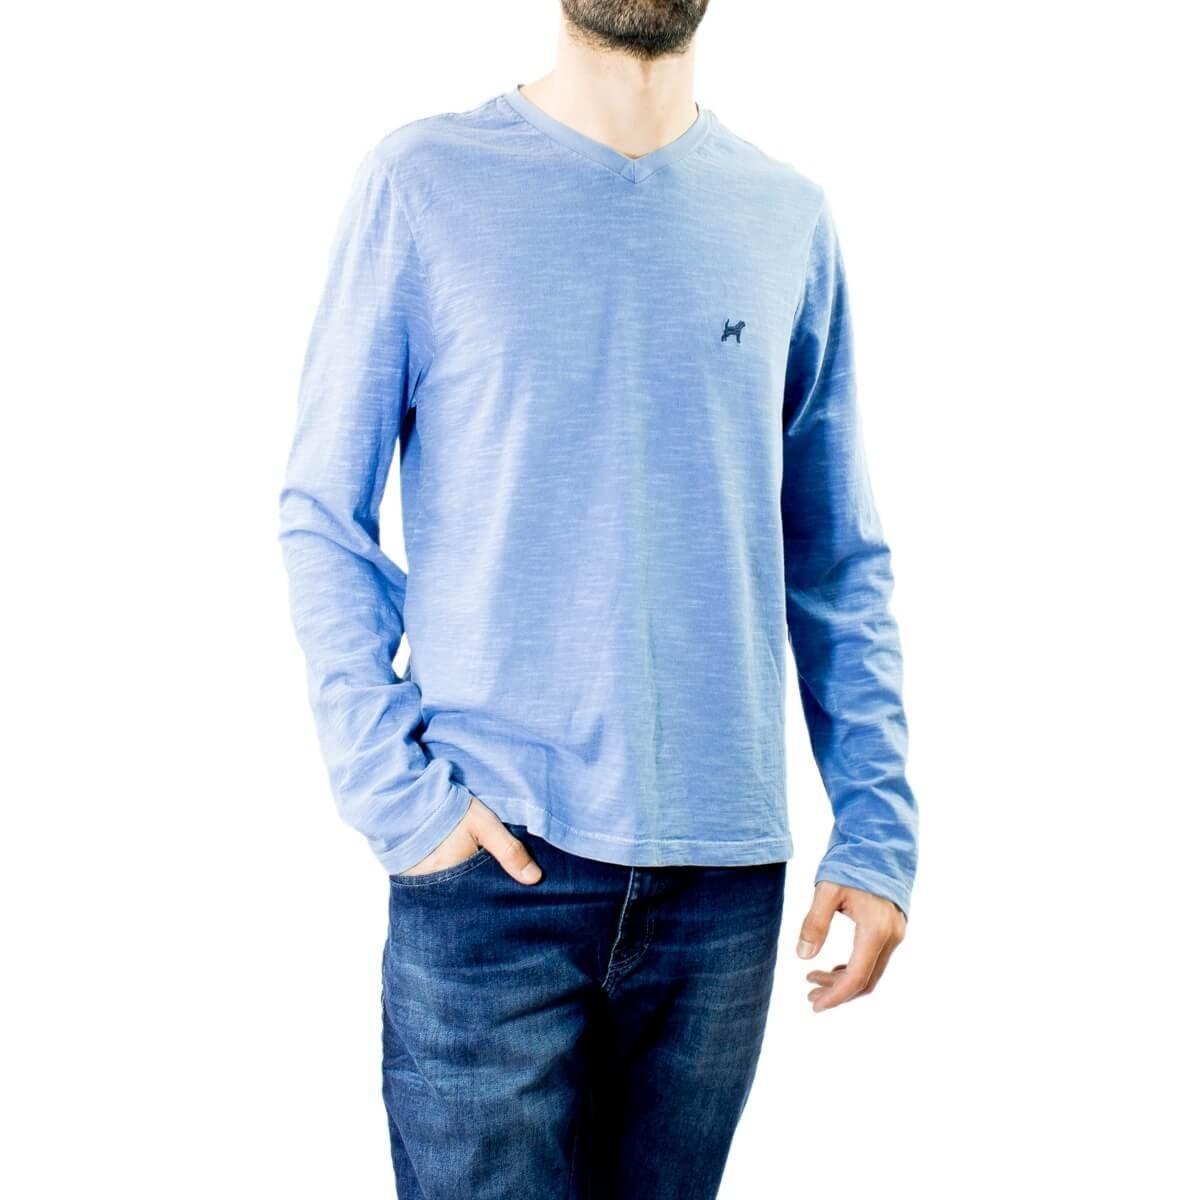 93d45914f camiseta masculina beagle manga longa. Carregando zoom.